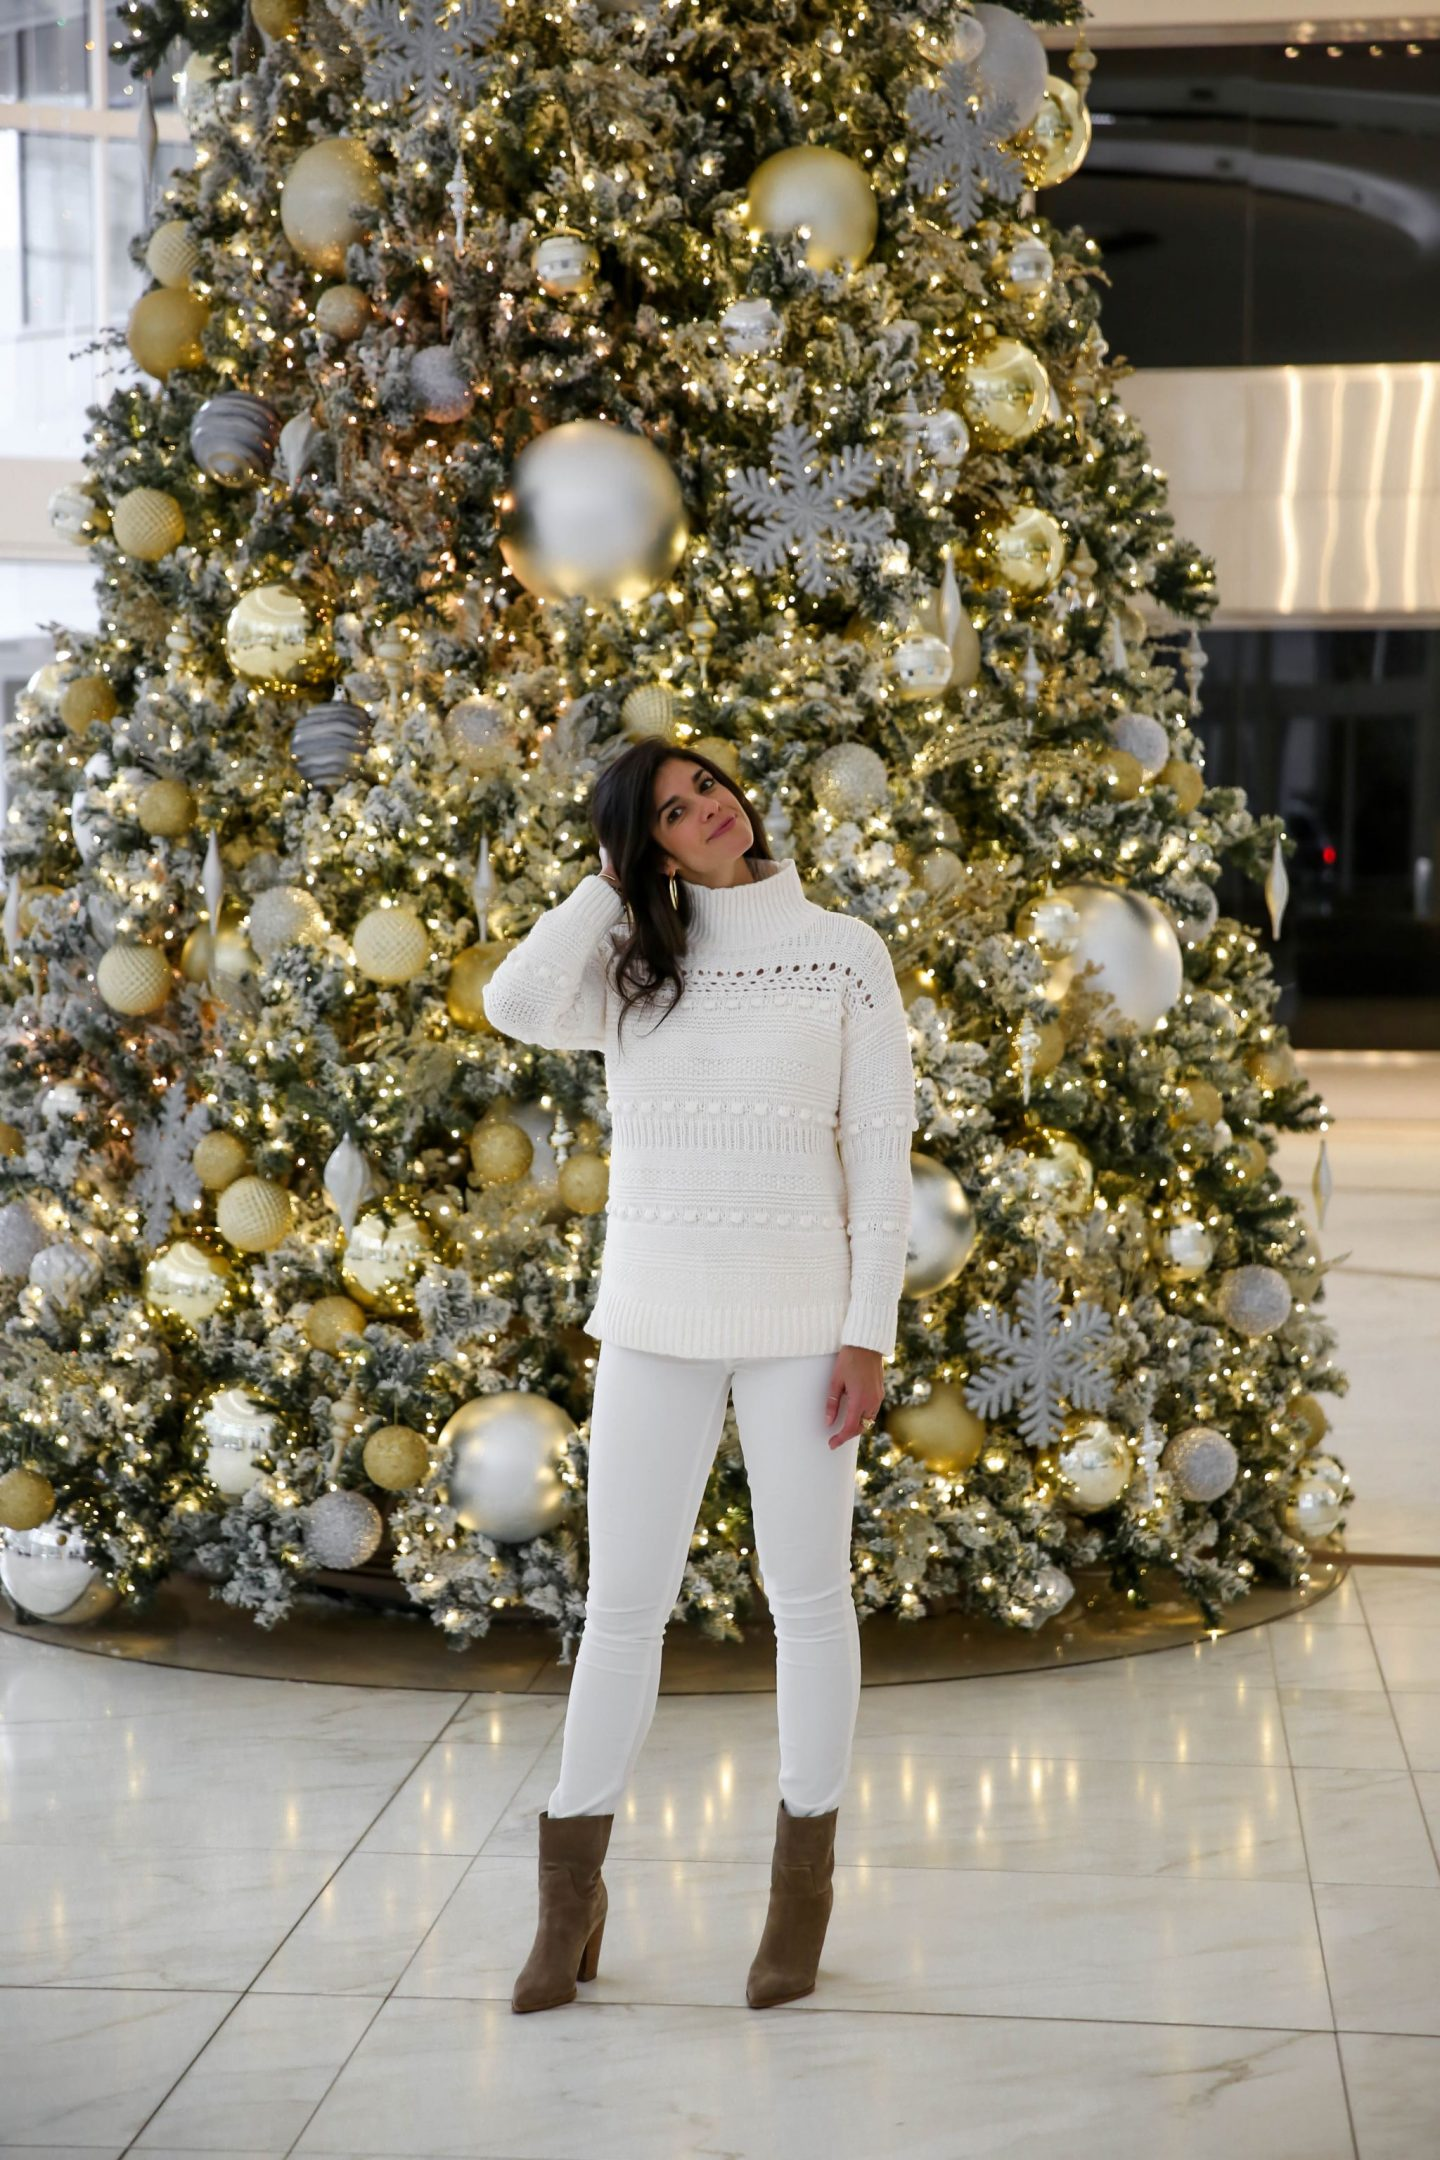 cozy chic winter whites - winter style - Lauren Schwaiger style blog